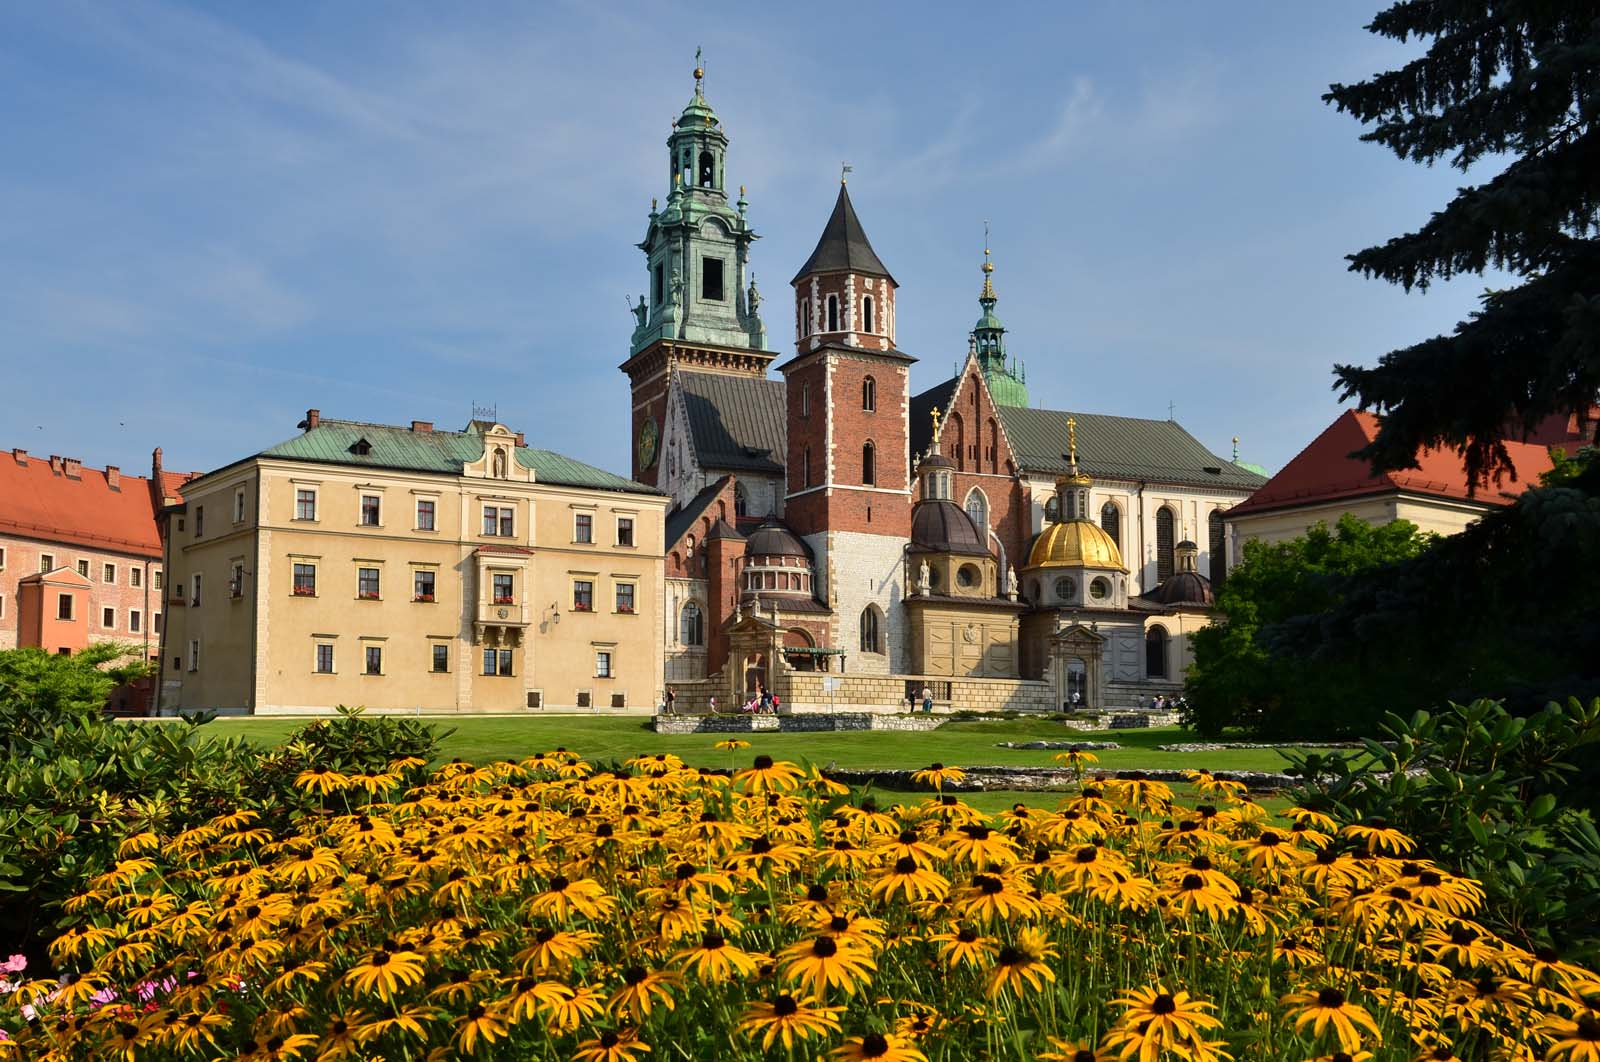 Gotycka Bazylika Archikatedralna św. Stanisława i św. Wacława, Kraków, Polska